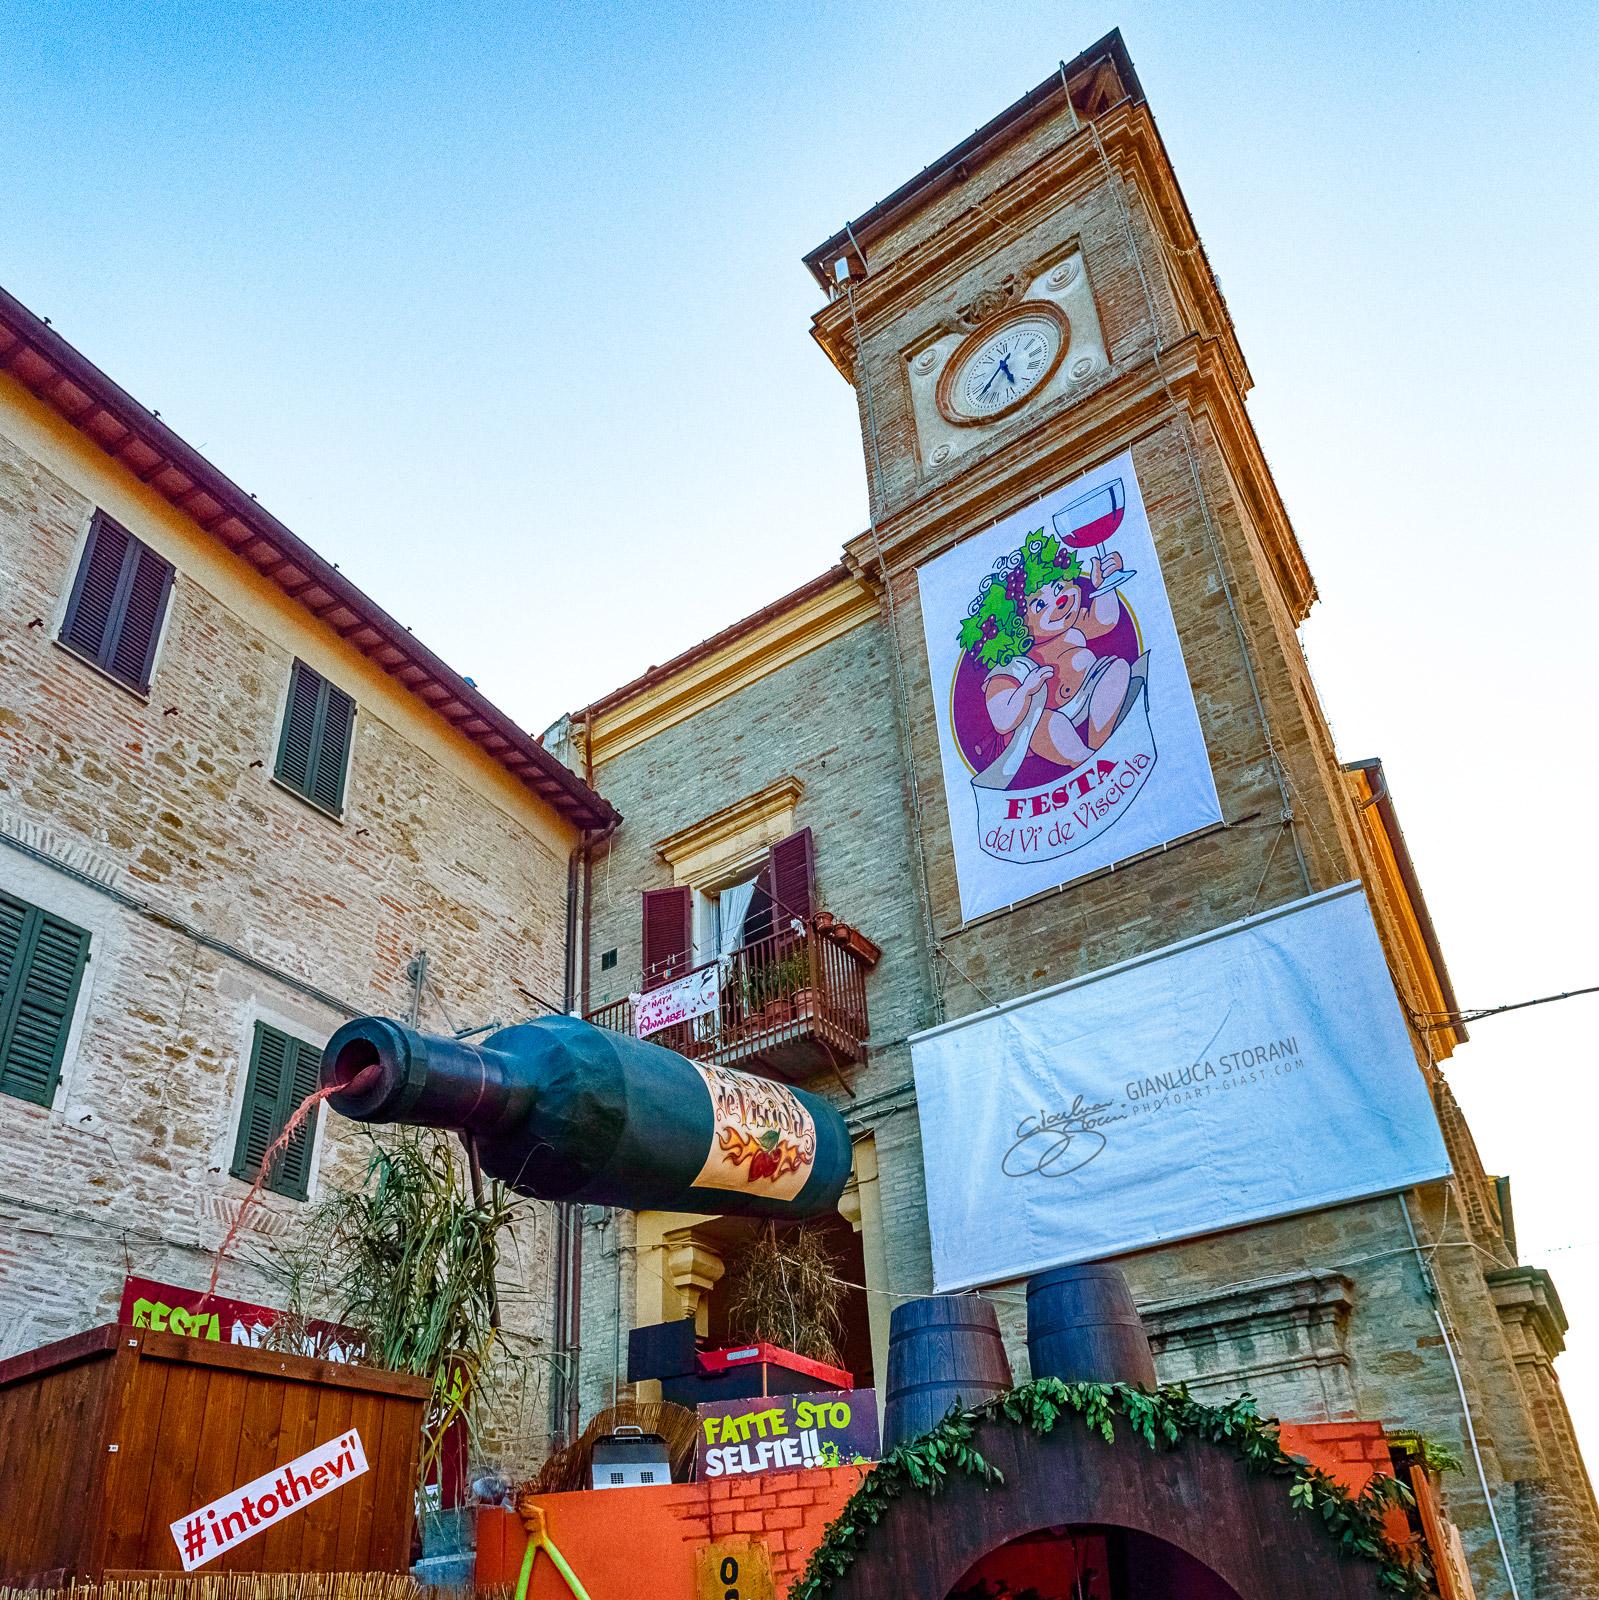 Festa del Vì de Visciola 2017 - Gianluca Storani Photo Art (ID: 4-5028)